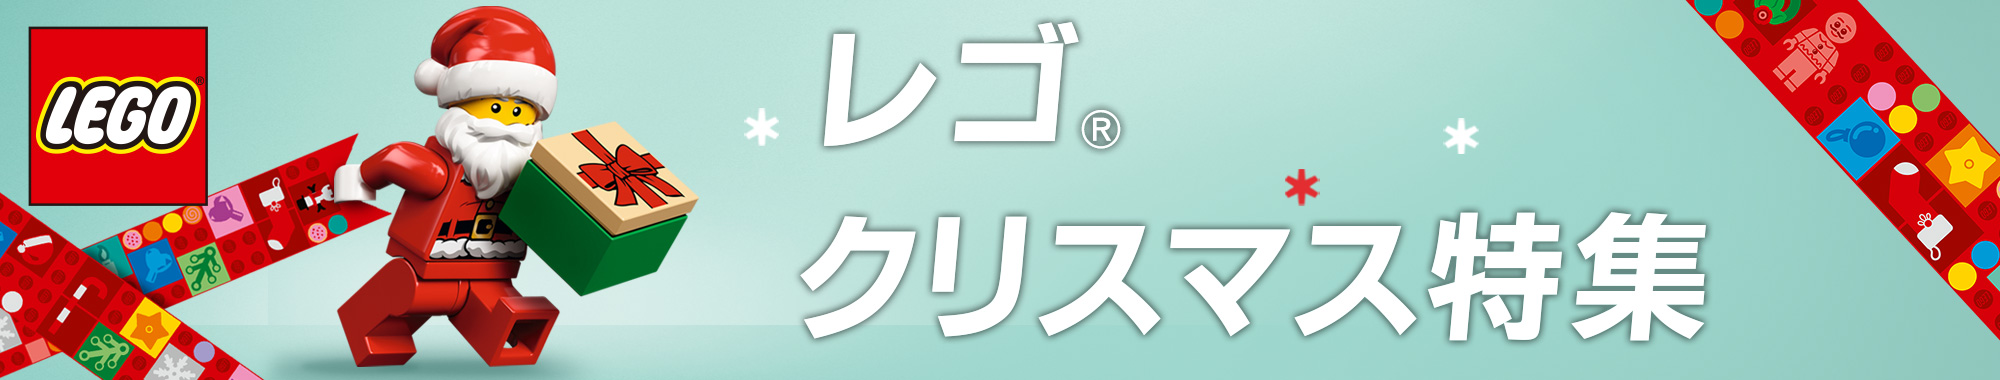 11/13(木)朝10時楽天レゴストアでサンタミニセットプレゼント実施!(2020)